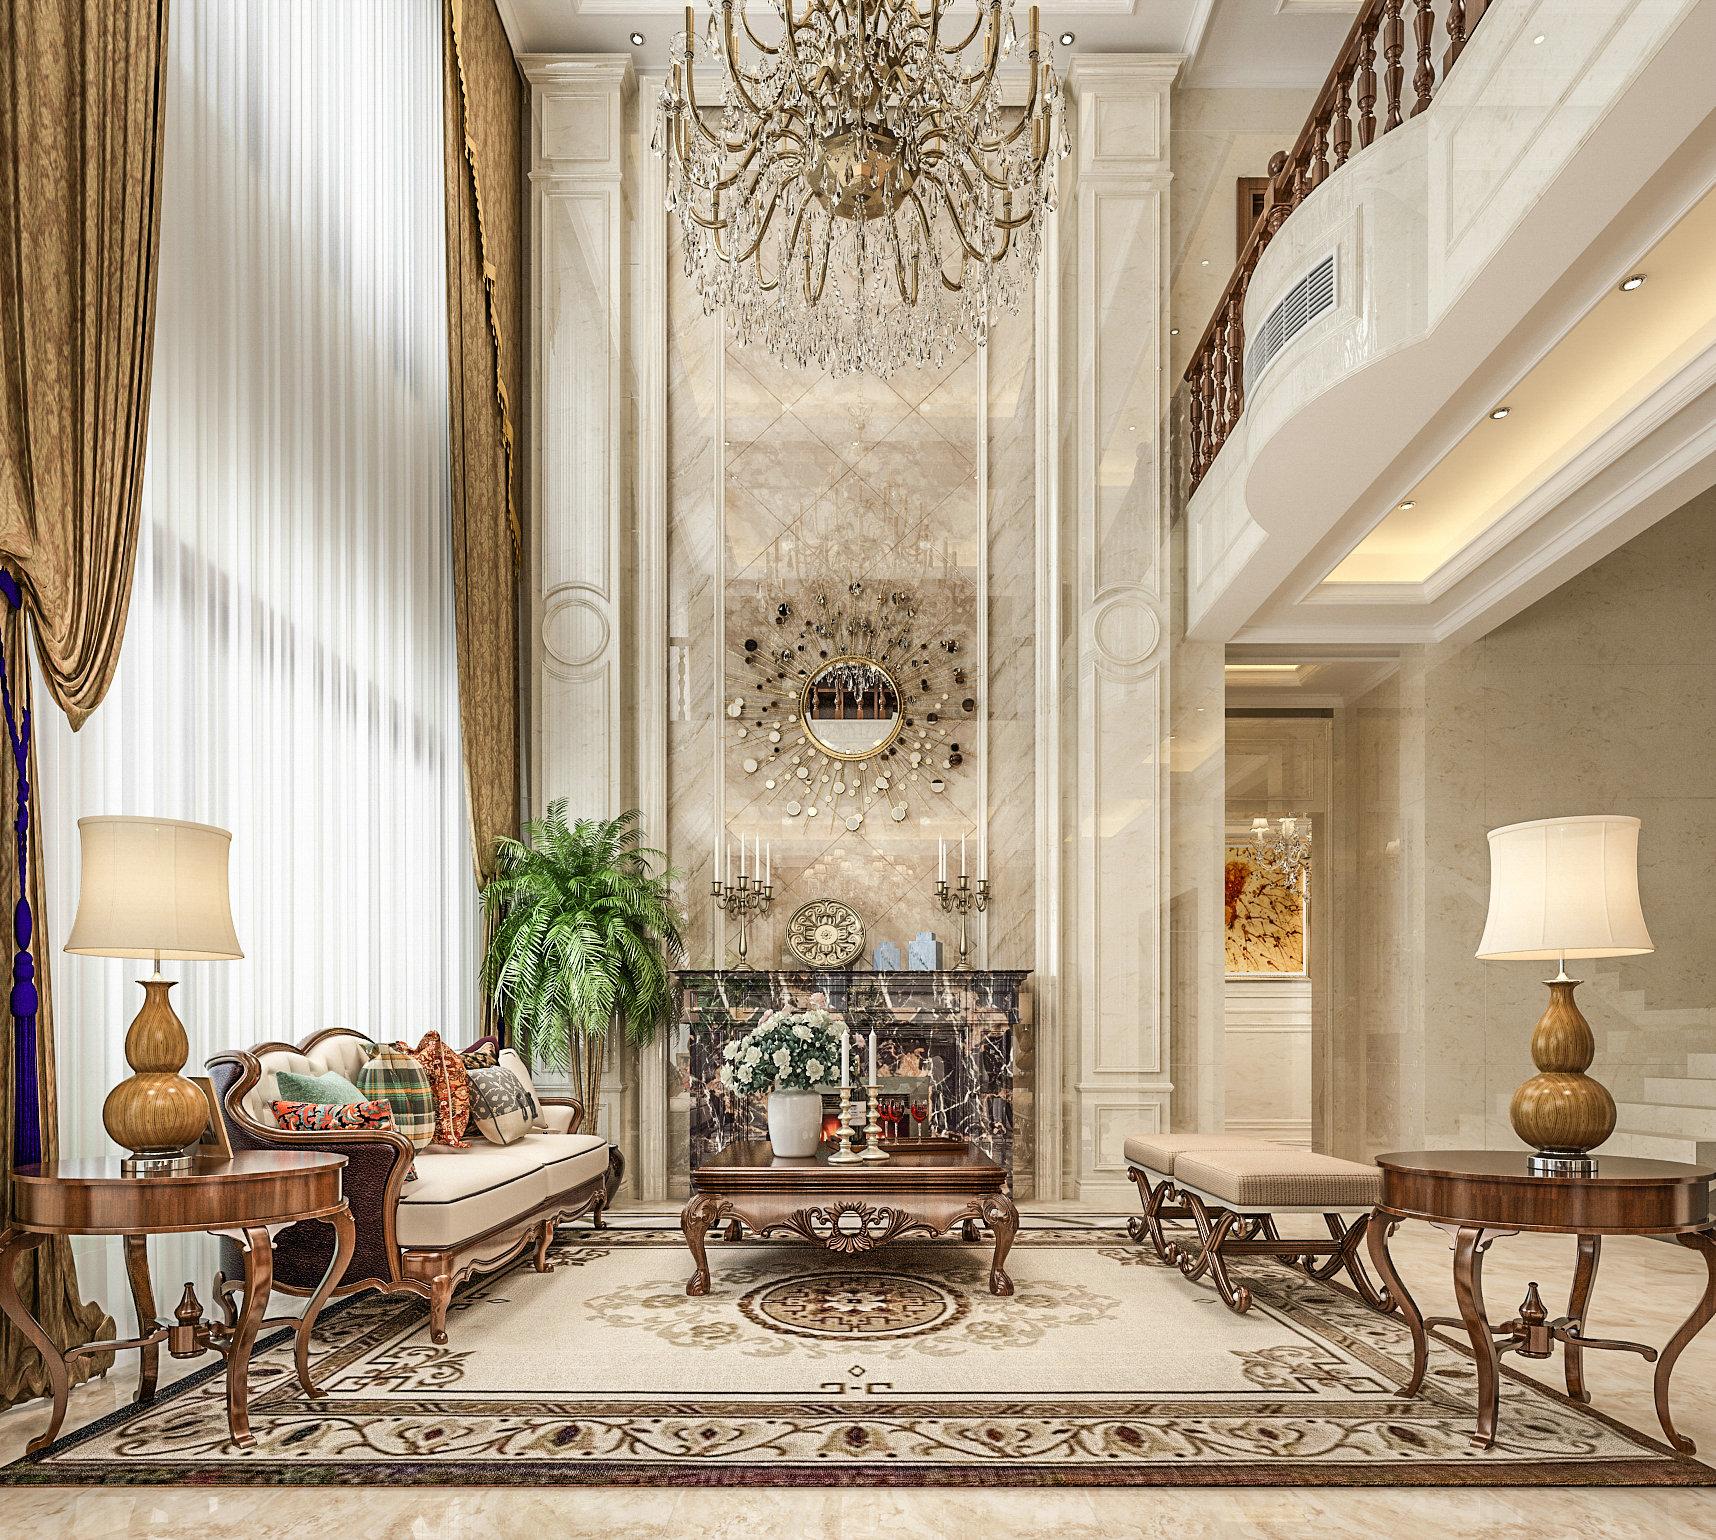 万科提香 别墅装修 欧式古典 腾龙设计 客厅图片来自孔继民在万科提香别墅项目装修欧式古典的分享